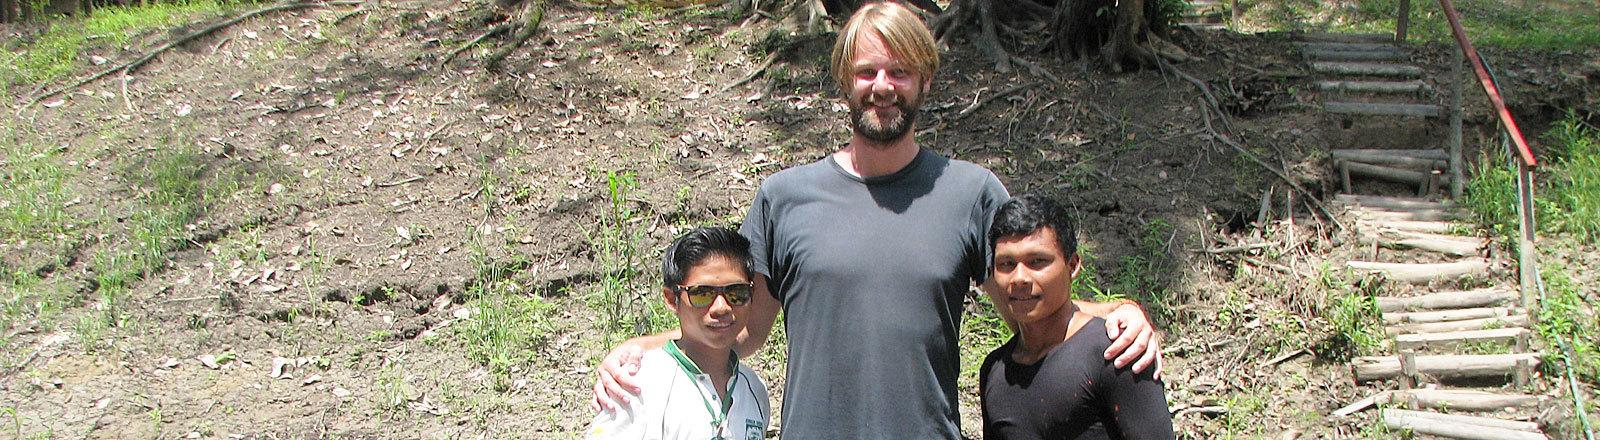 Torsten Johannknecht mit zwei Guides in Peru